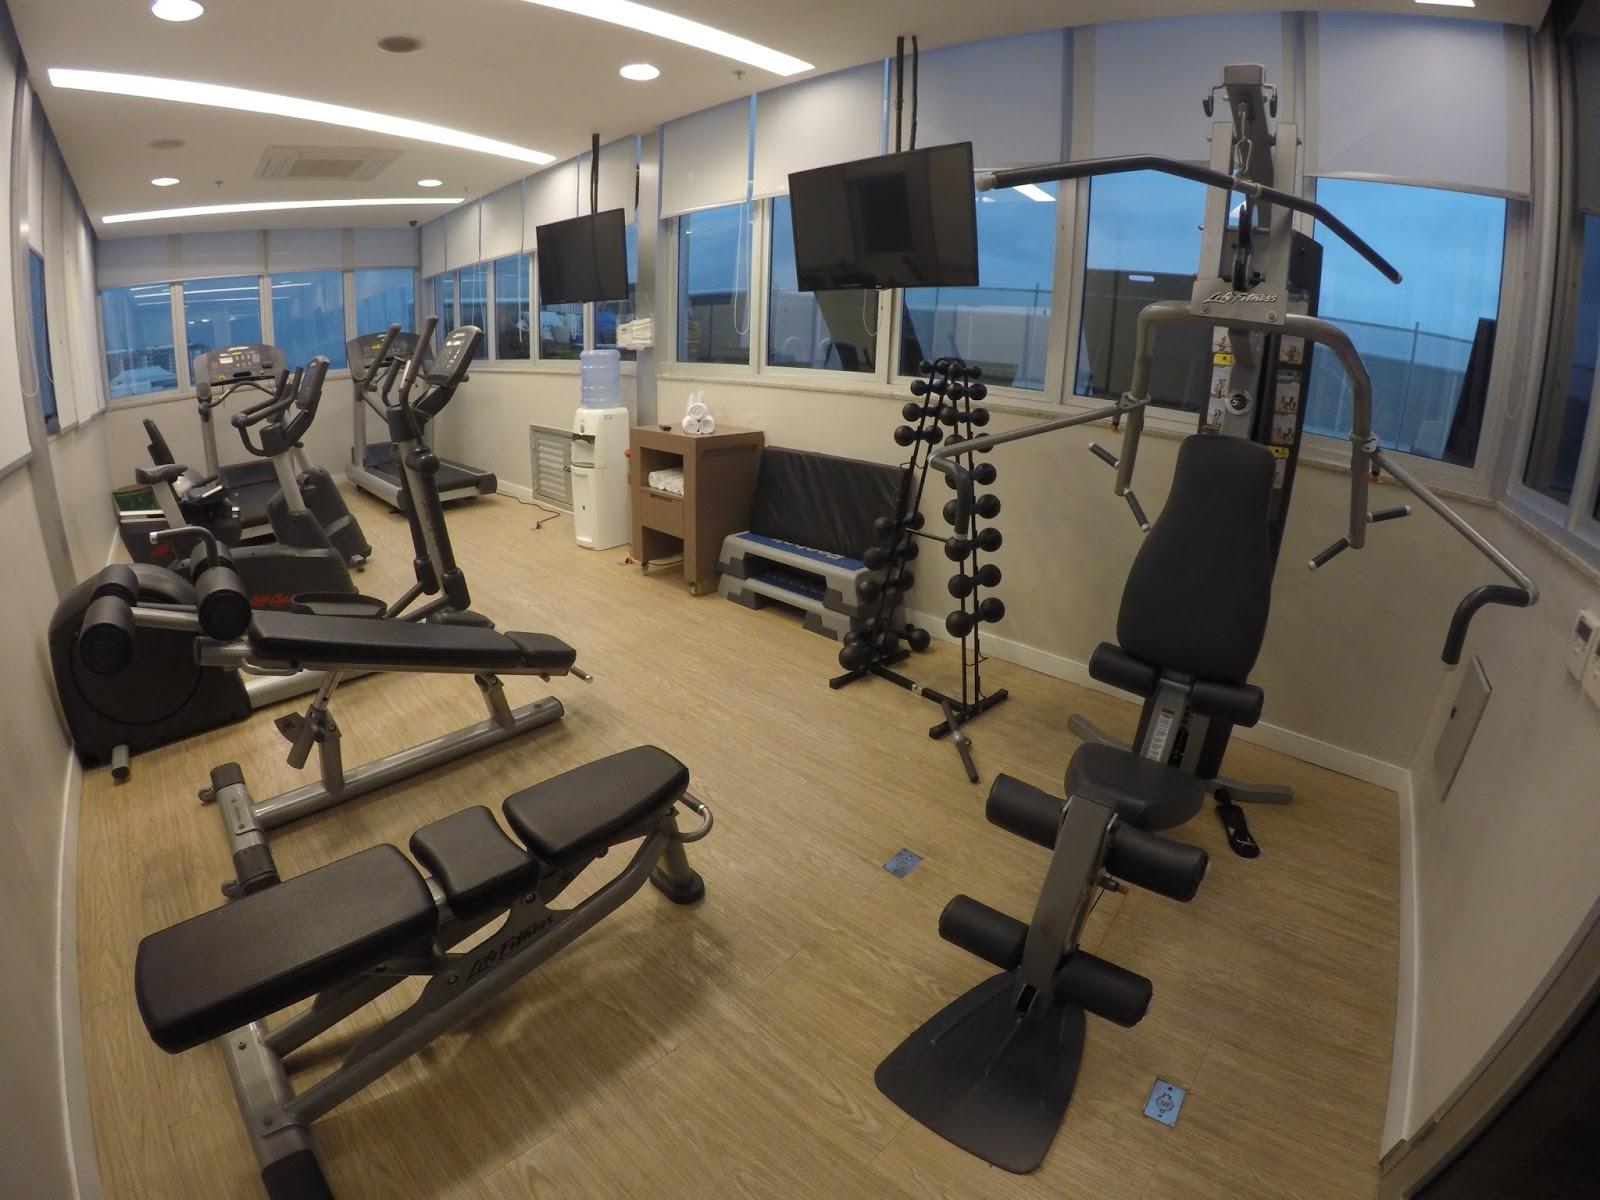 Blog Apaixonados por Viagens: Melhores Hotéis RJ: Novotel Rio de  #2571A6 1600x1200 Balanca Banheiro Melhor